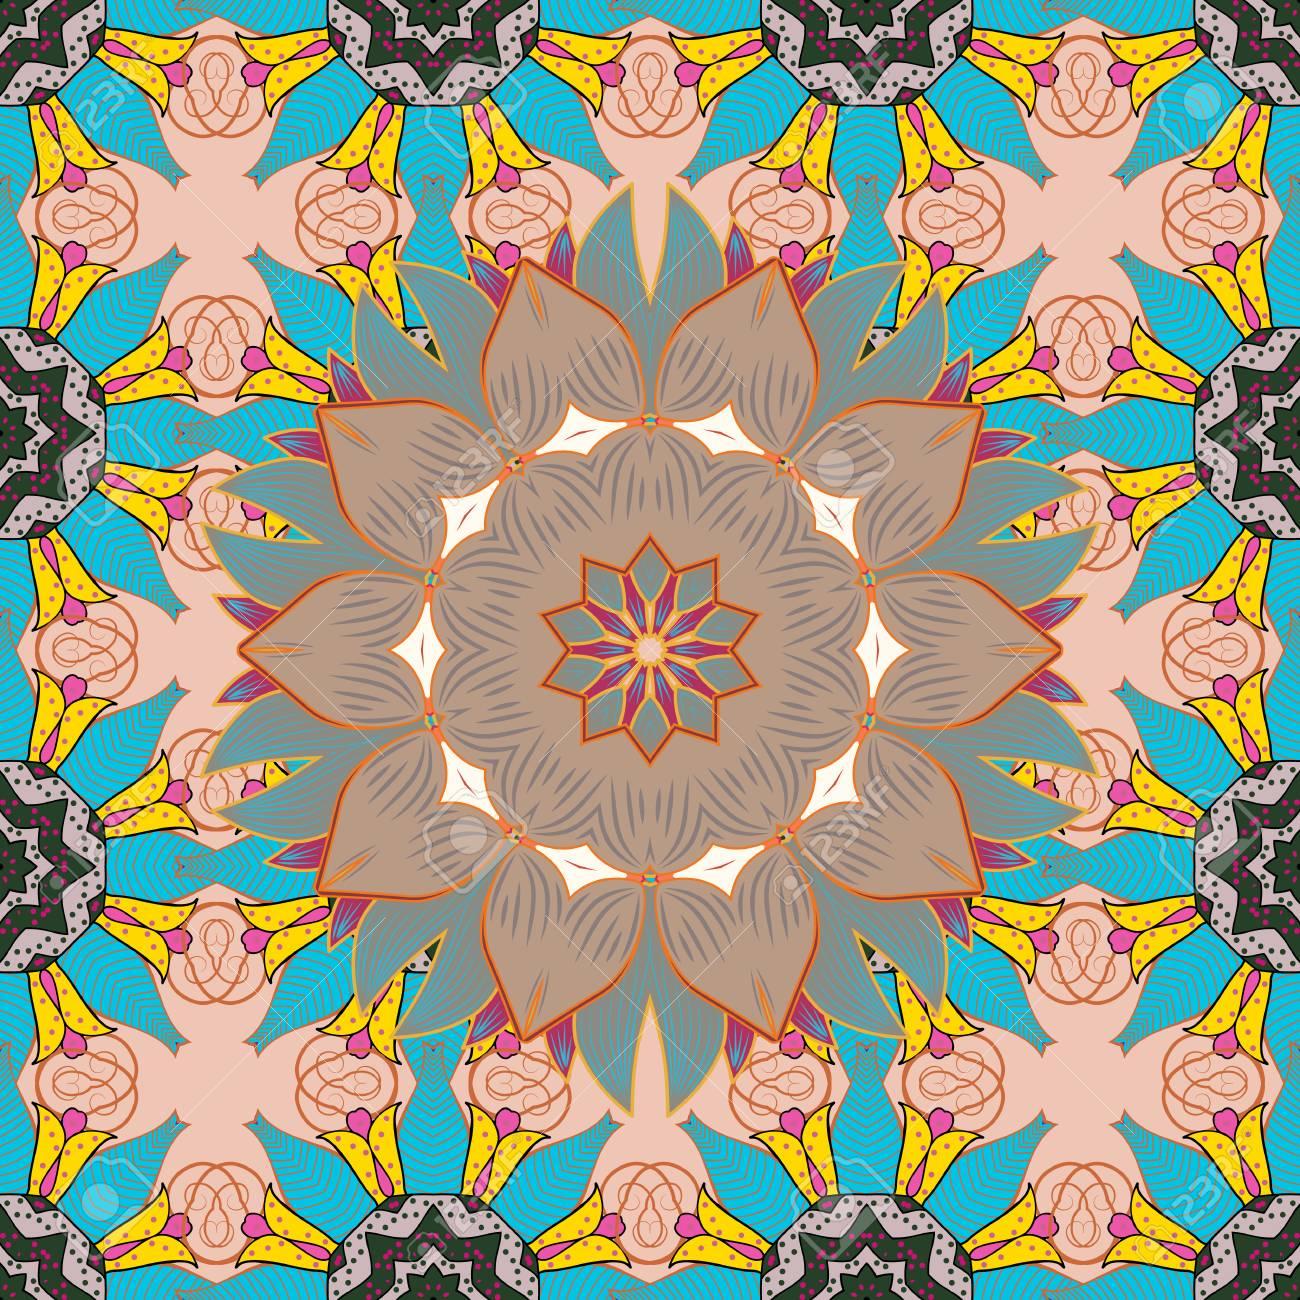 Diseño Para El Juego La Cubierta La Tarjeta Vector Geometría Sagrada Ronda Símbolo Coloreado Con Estrellas Brillantes Sobre Un Fondo Colorido